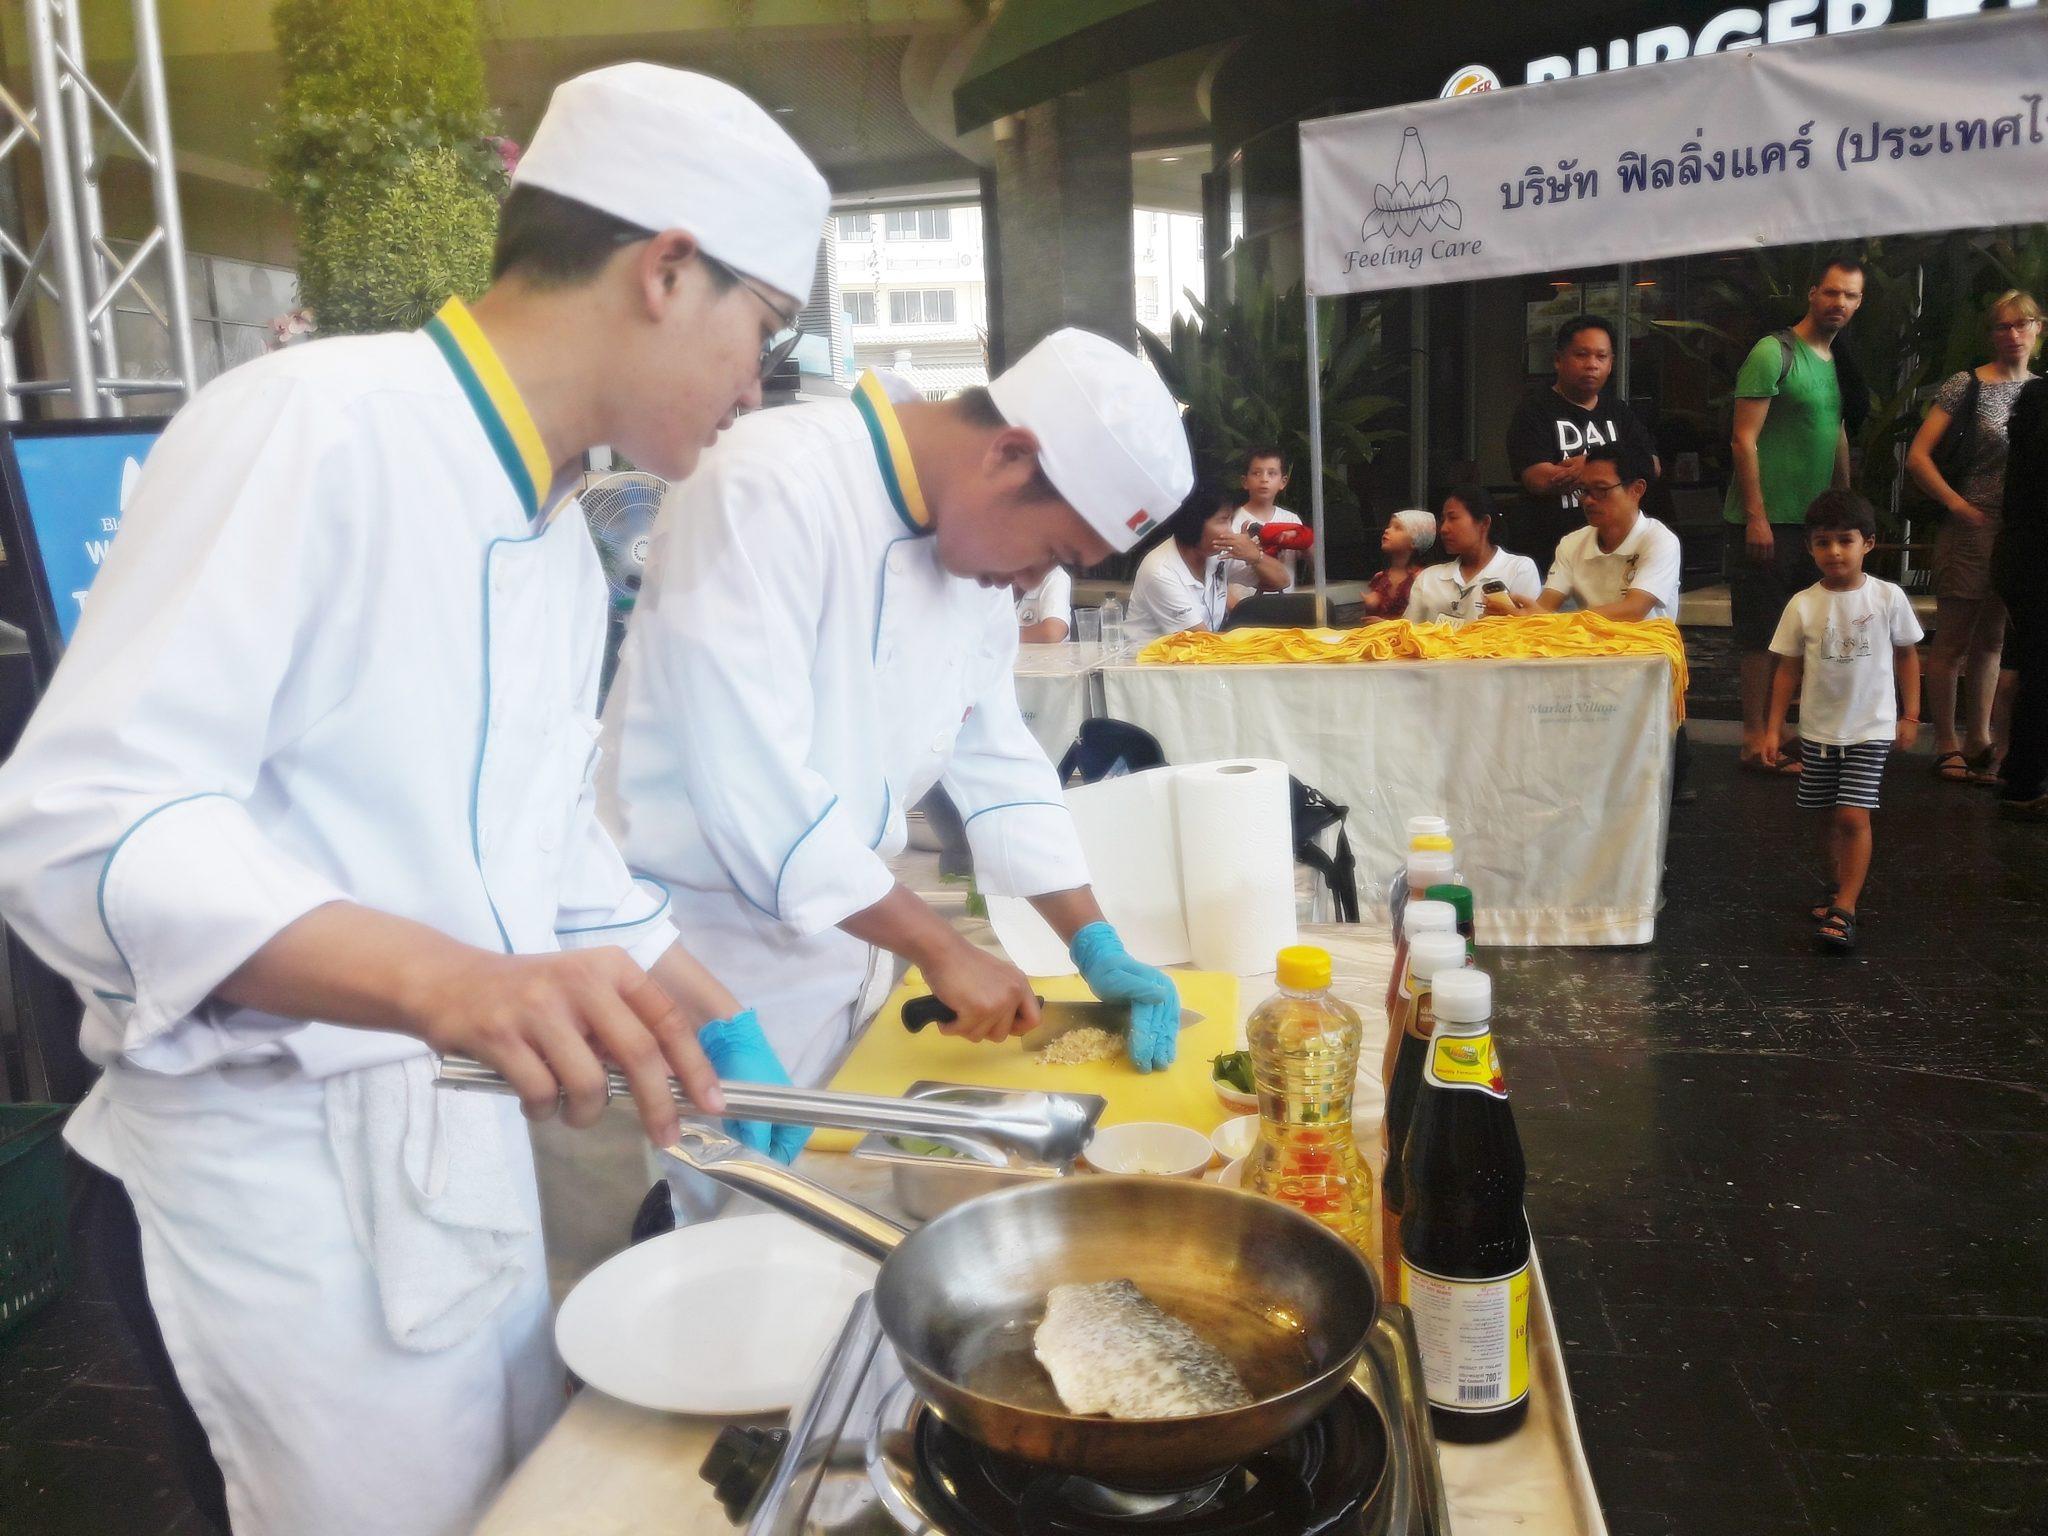 RHS เรียนทำอาหาร โรงเรียนสอนทำอาหาร 29